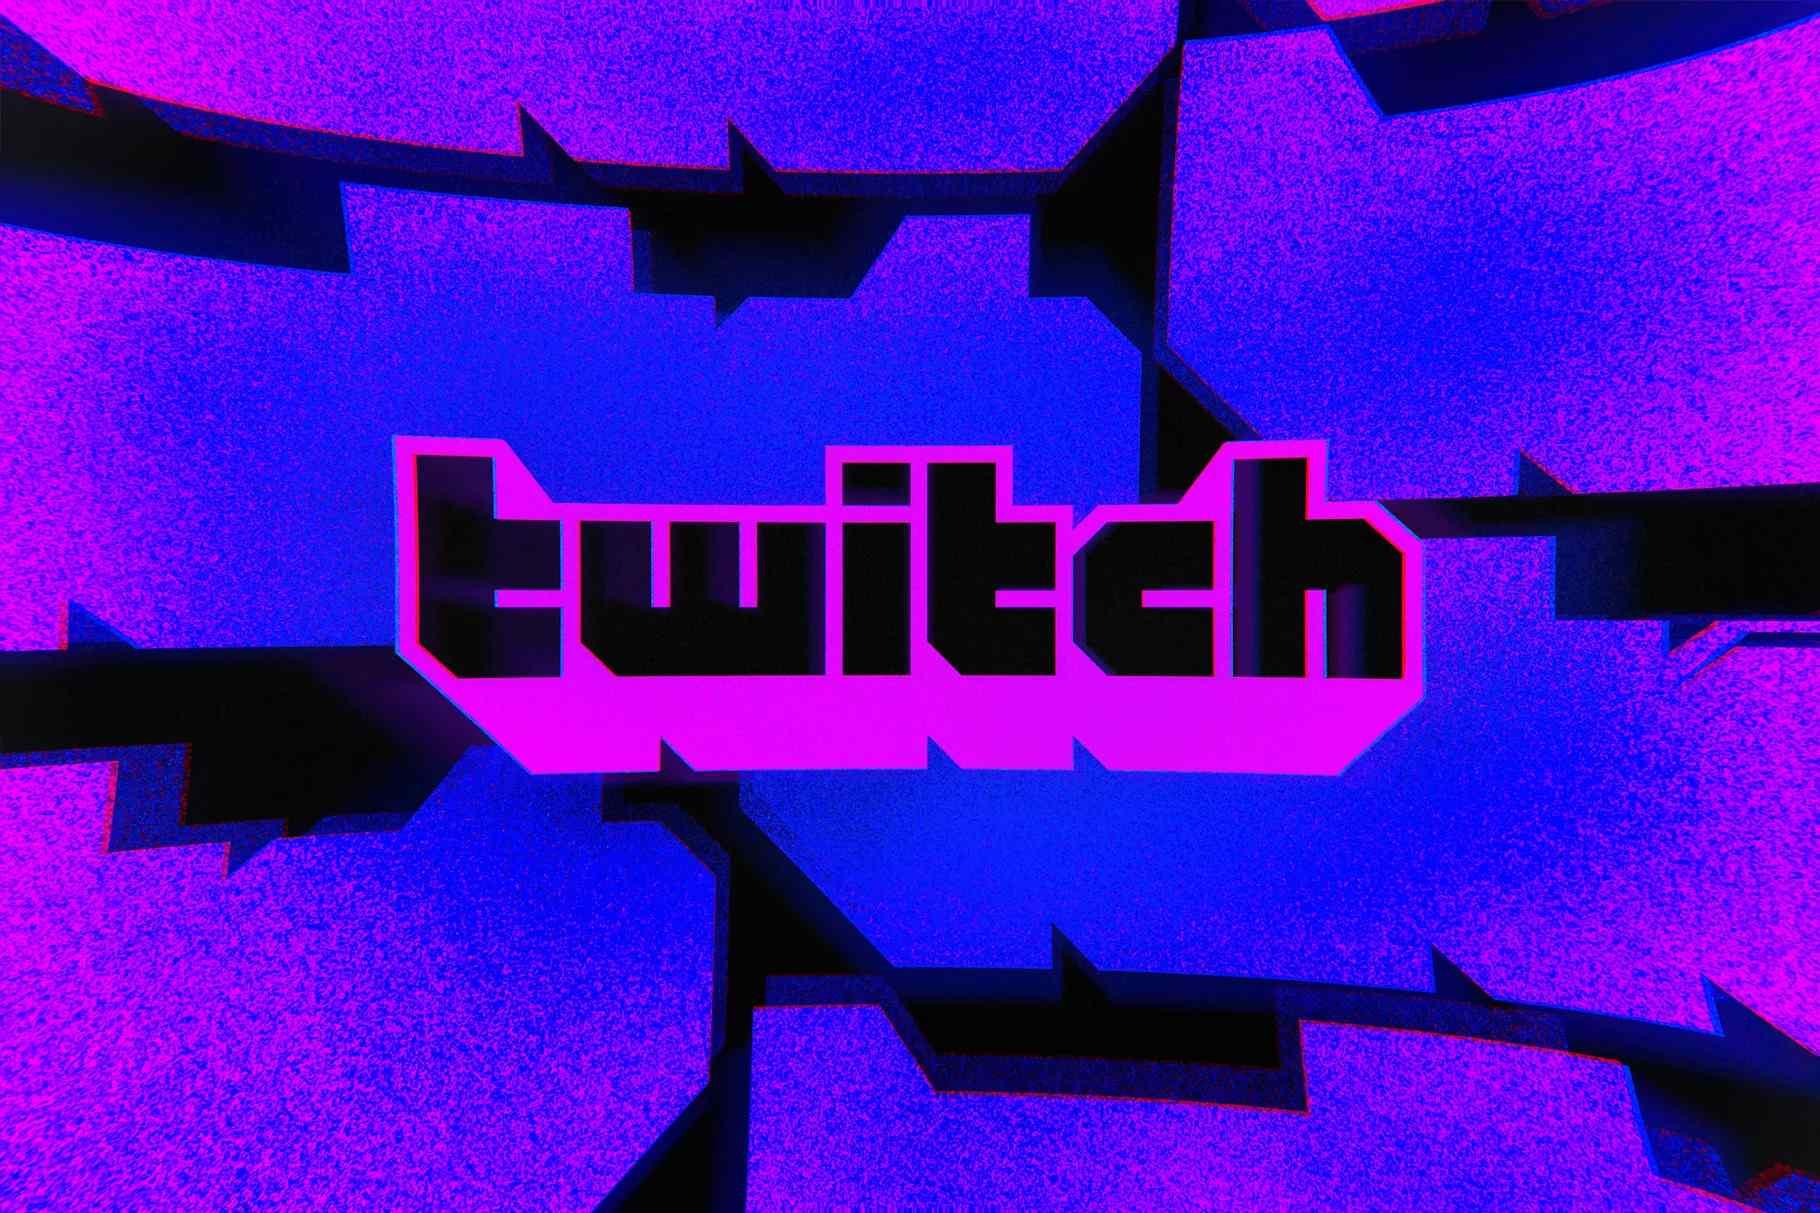 Fall Guys Ağustos Ayında Twitch'te En Çok İzlenen Oyun Değil Ancak Yakın